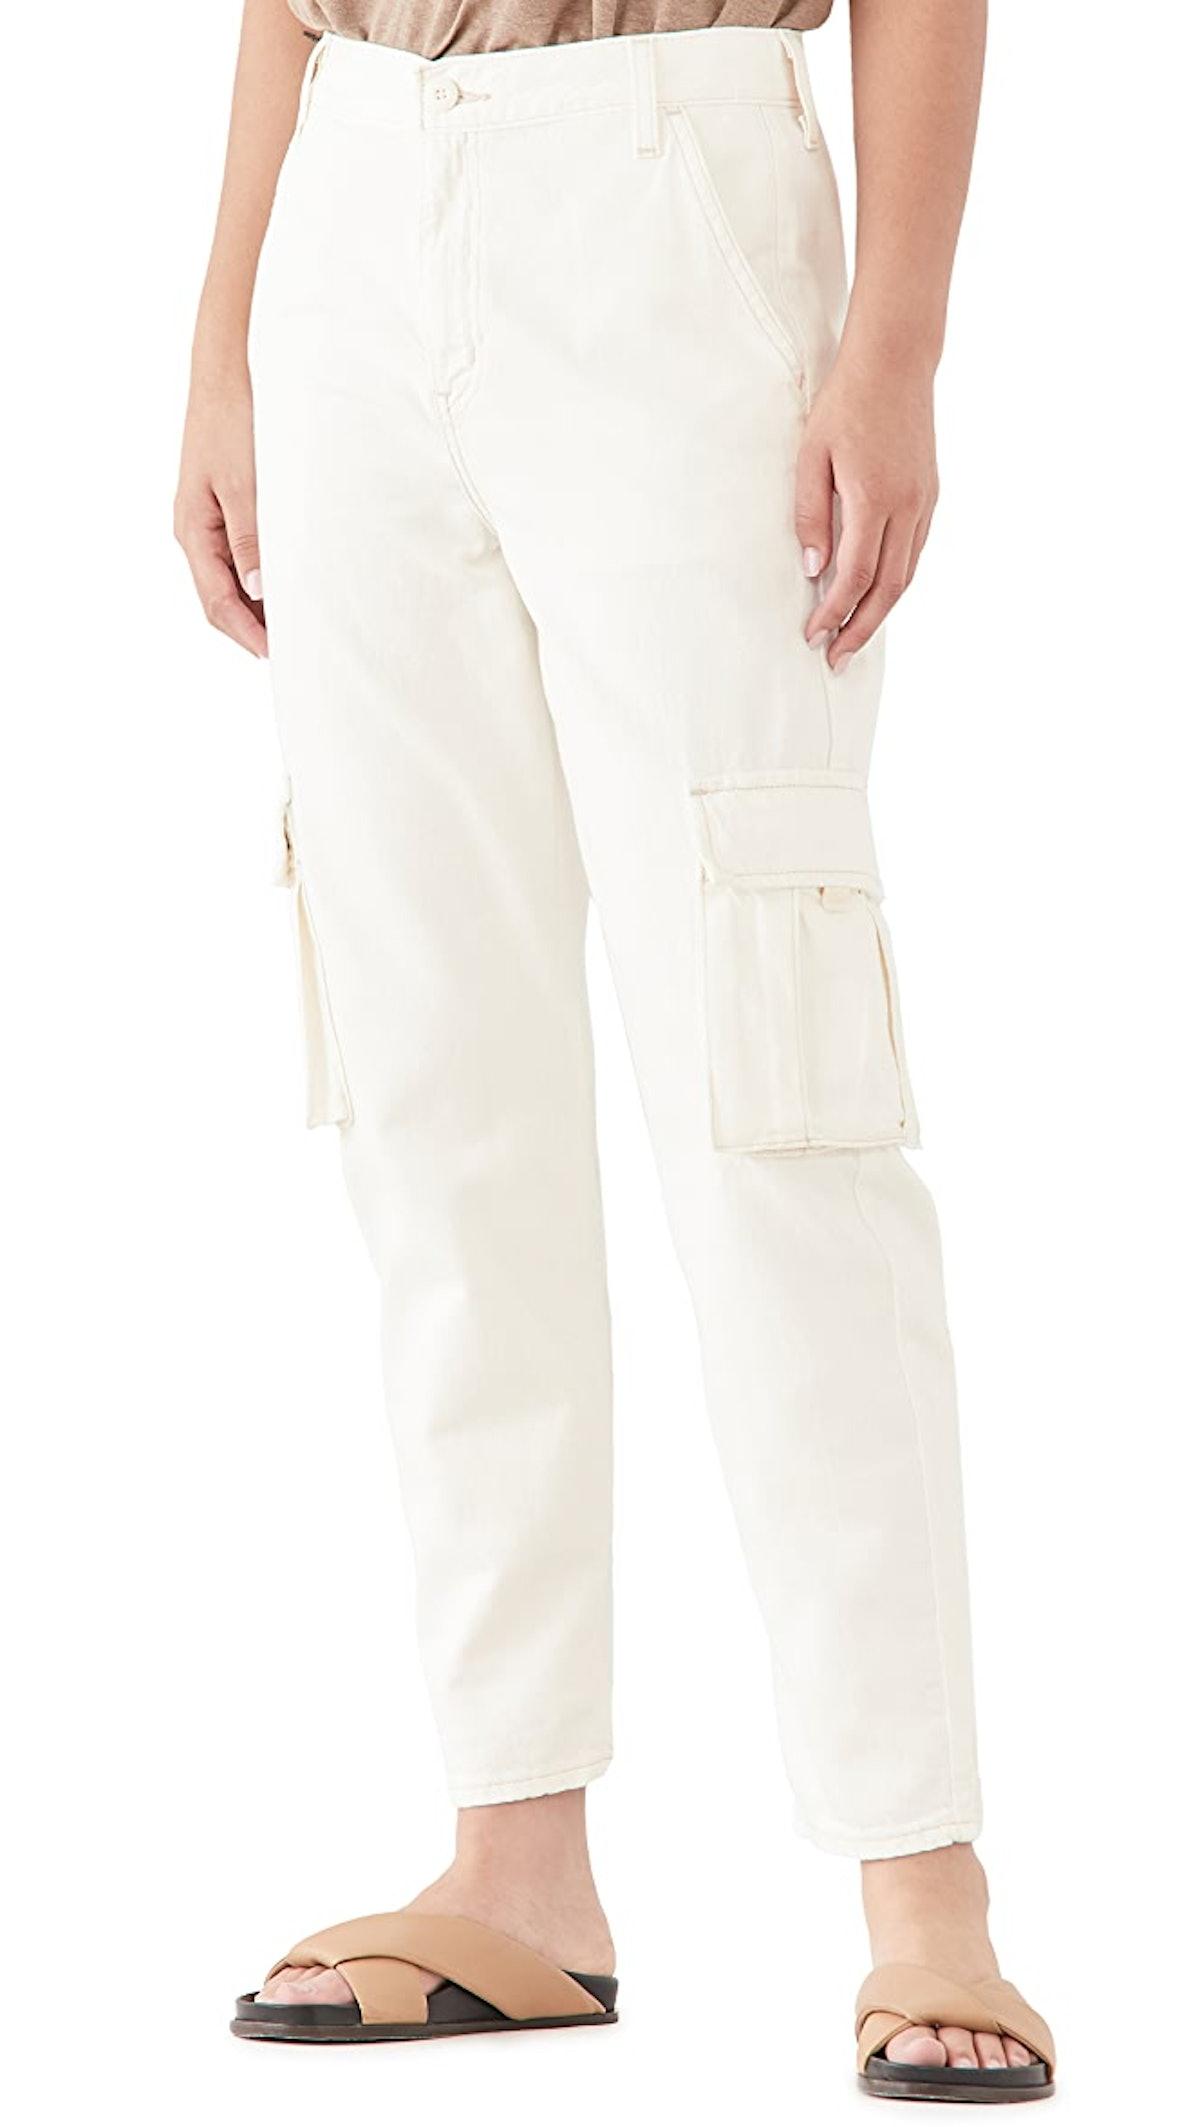 Women's Loose Cargo Jeans in Cool Ecru